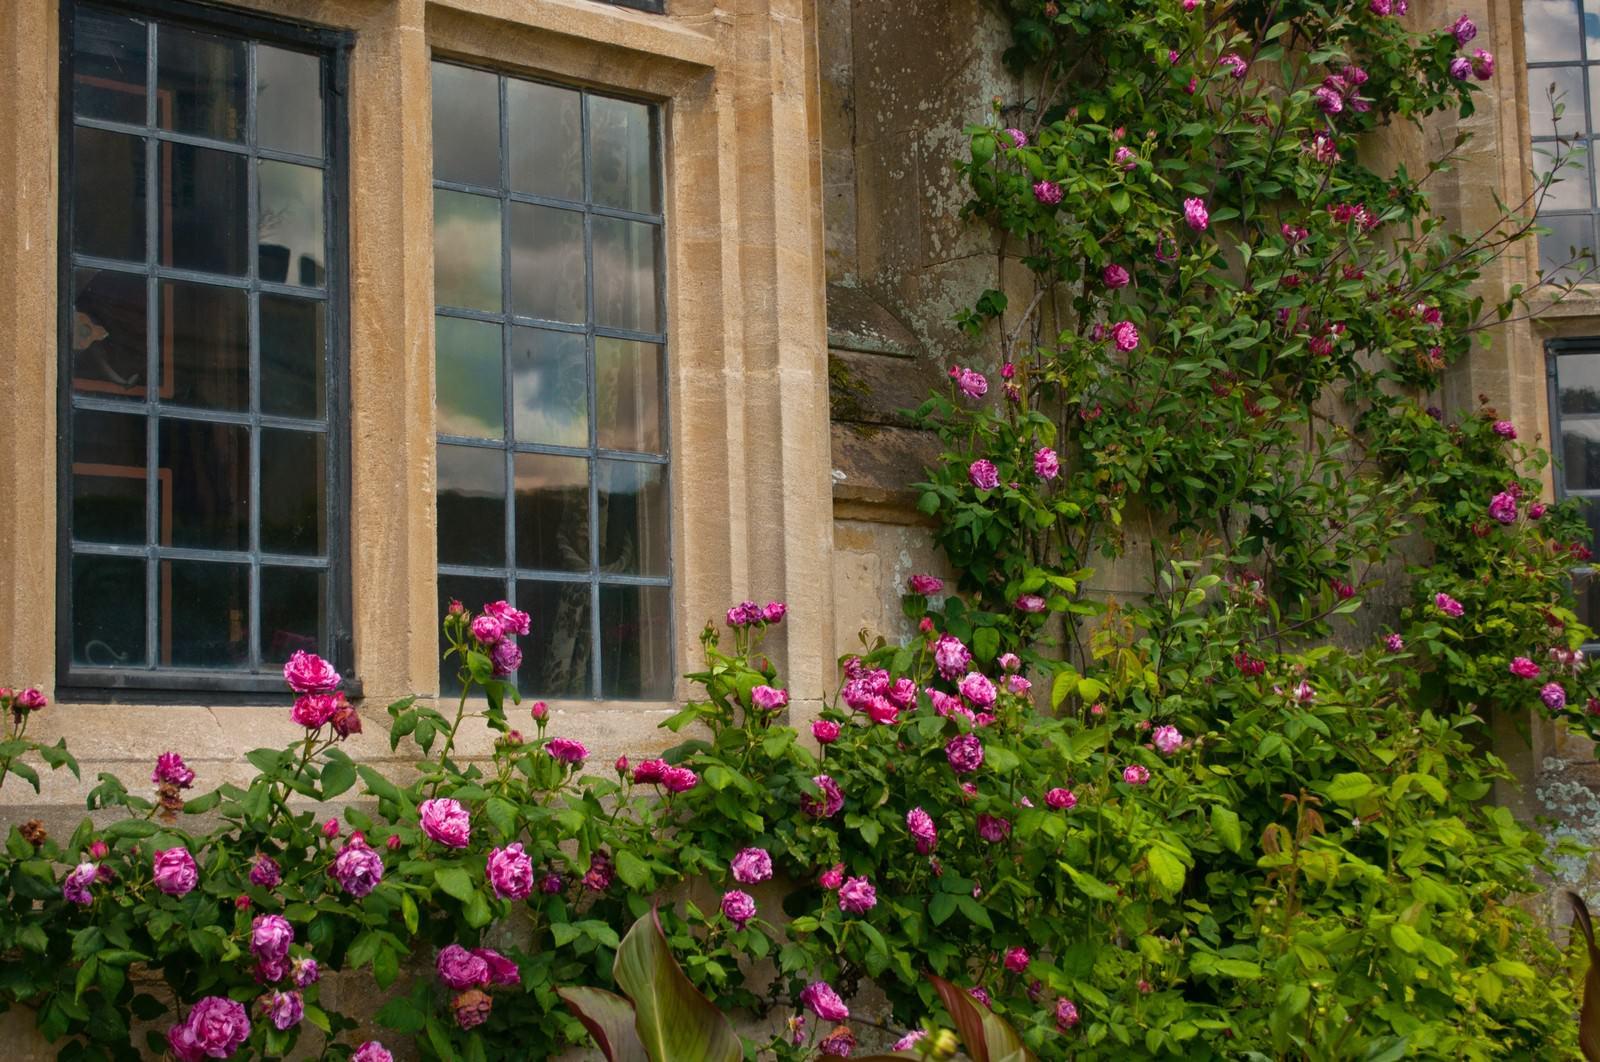 「スードリー城の古風な窓」の写真